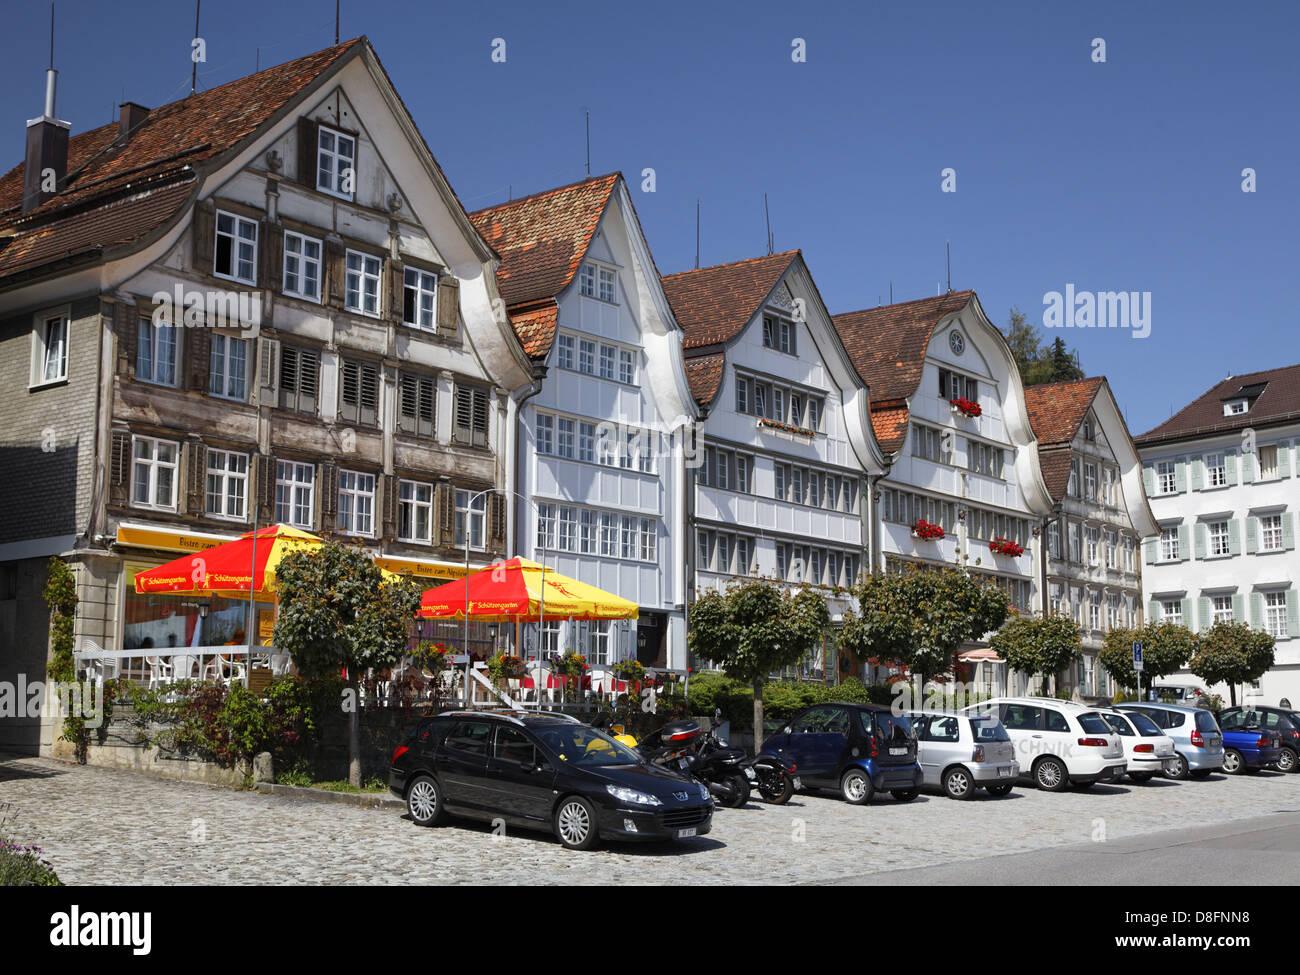 Schweiz, Appenzell Ausserrhoden, Gais; Haus, Schweiz, Appenzell Ausserrhoden, Gais; Haus Stockbild